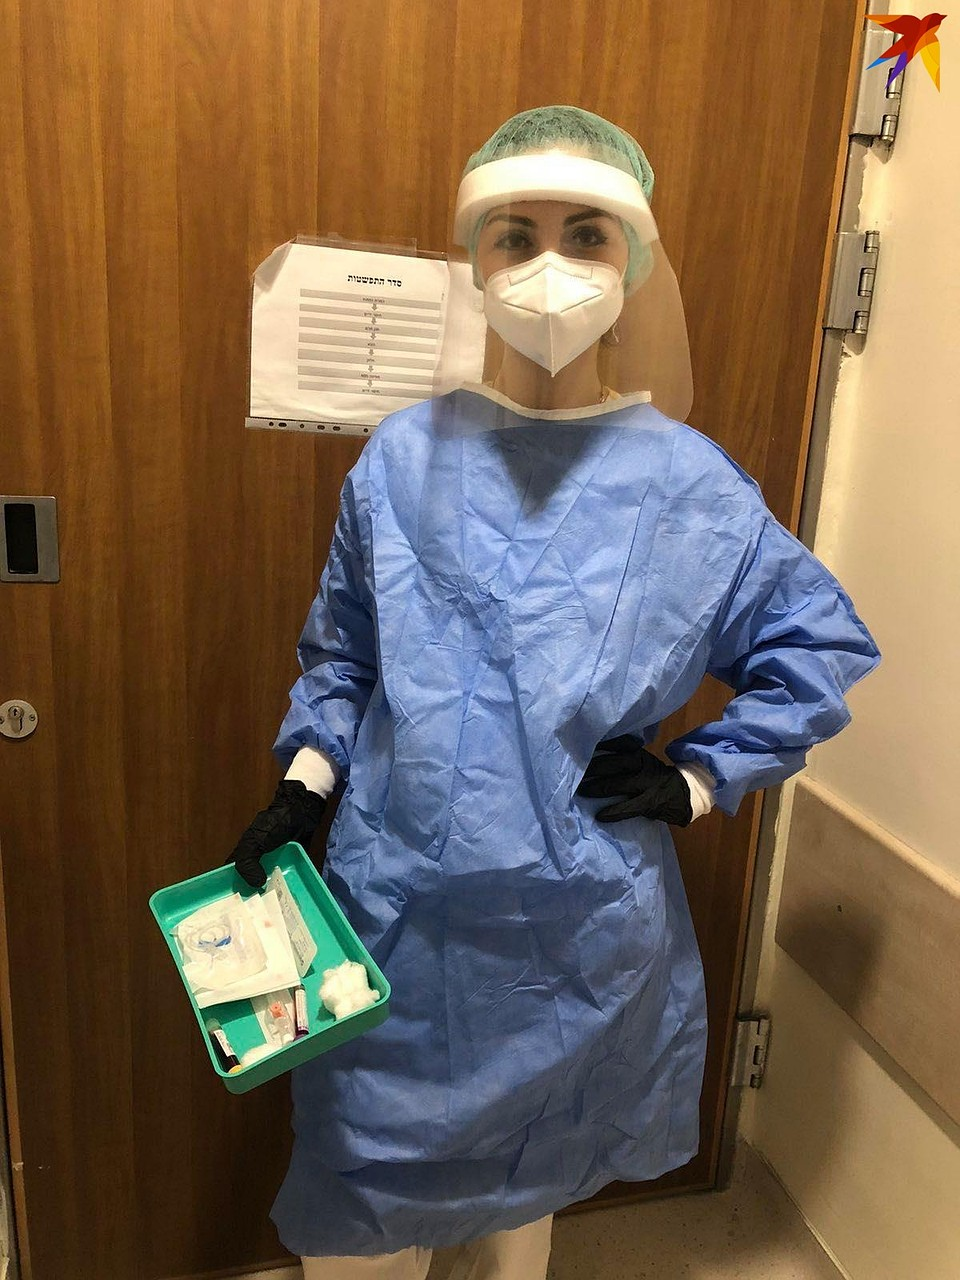 Галя работает в больнице, где принимают пациентов с подозрением на коронавирус. Фото: личный архив.